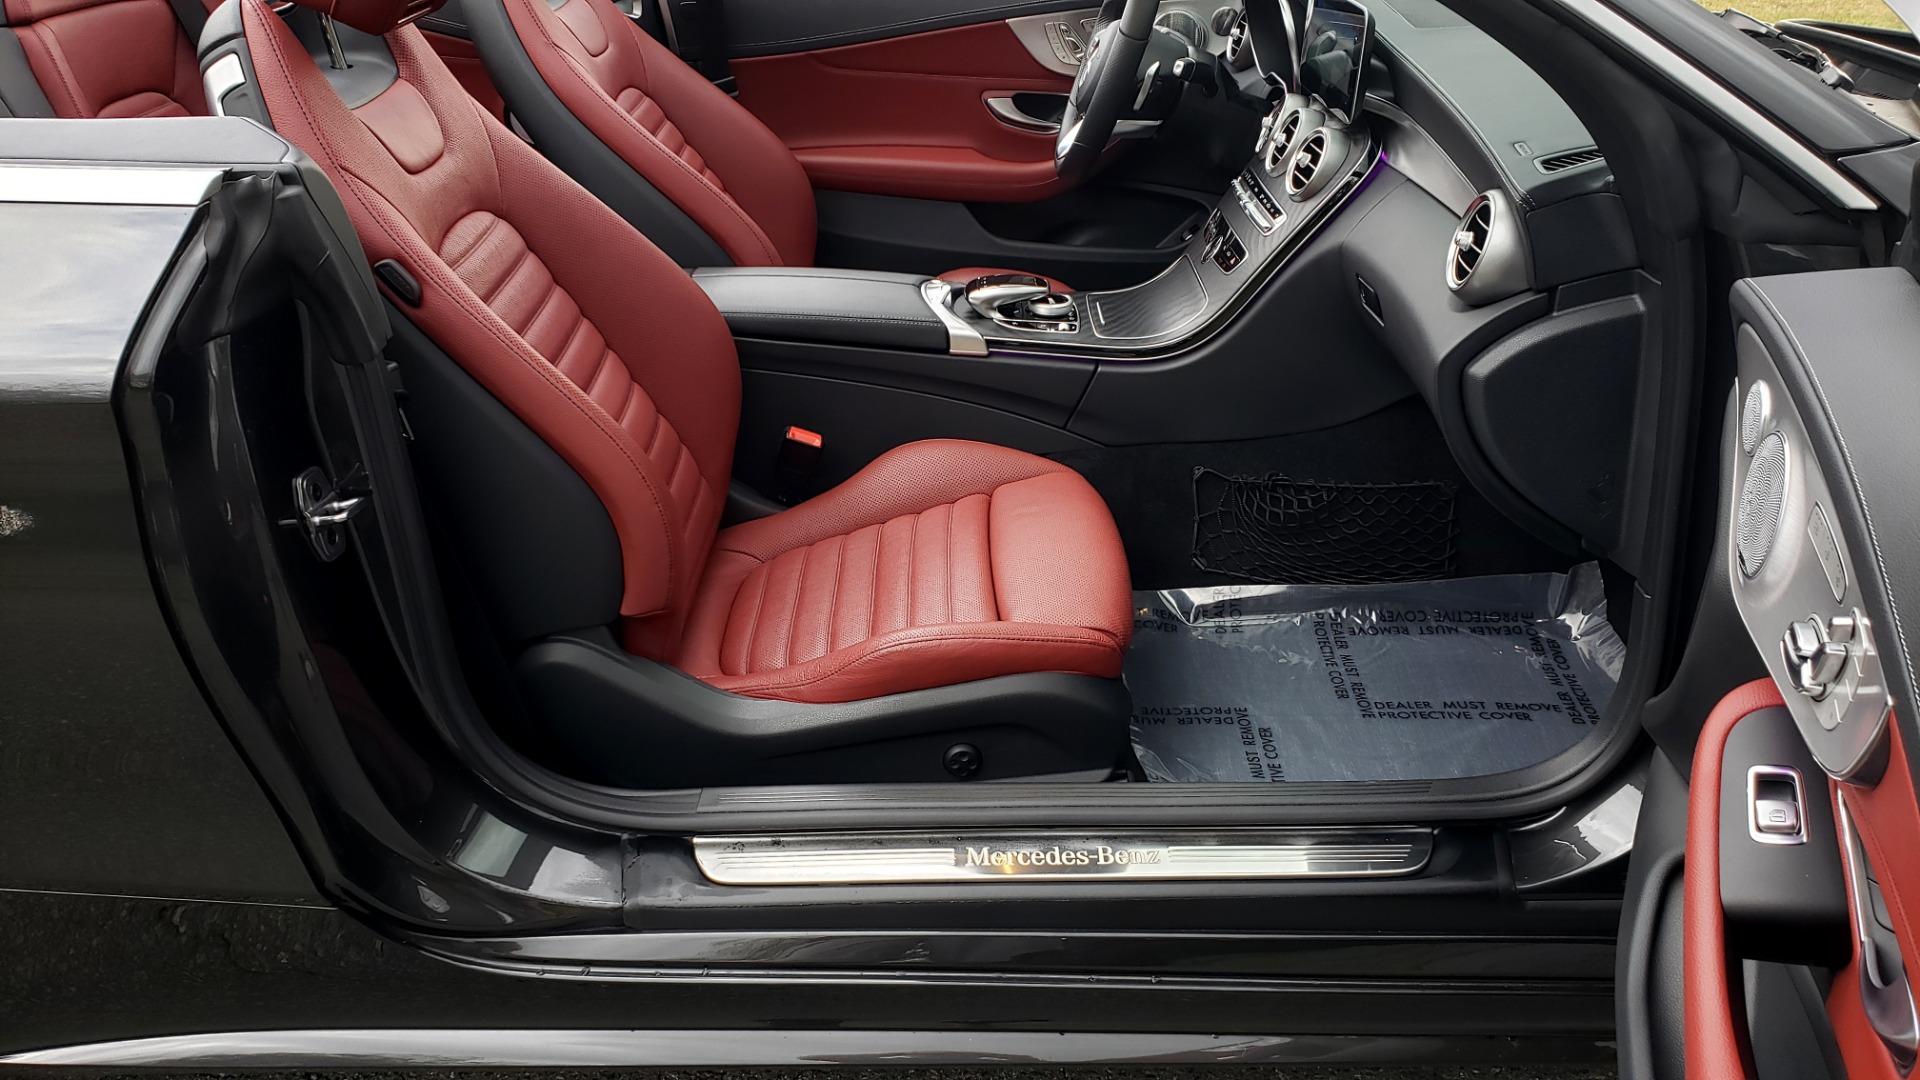 Used 2019 Mercedes-Benz C-CLASS C 300 CABRIOLET / PREM PKG / NAV / BURMESTER / MULTIMEDIA for sale $49,995 at Formula Imports in Charlotte NC 28227 60